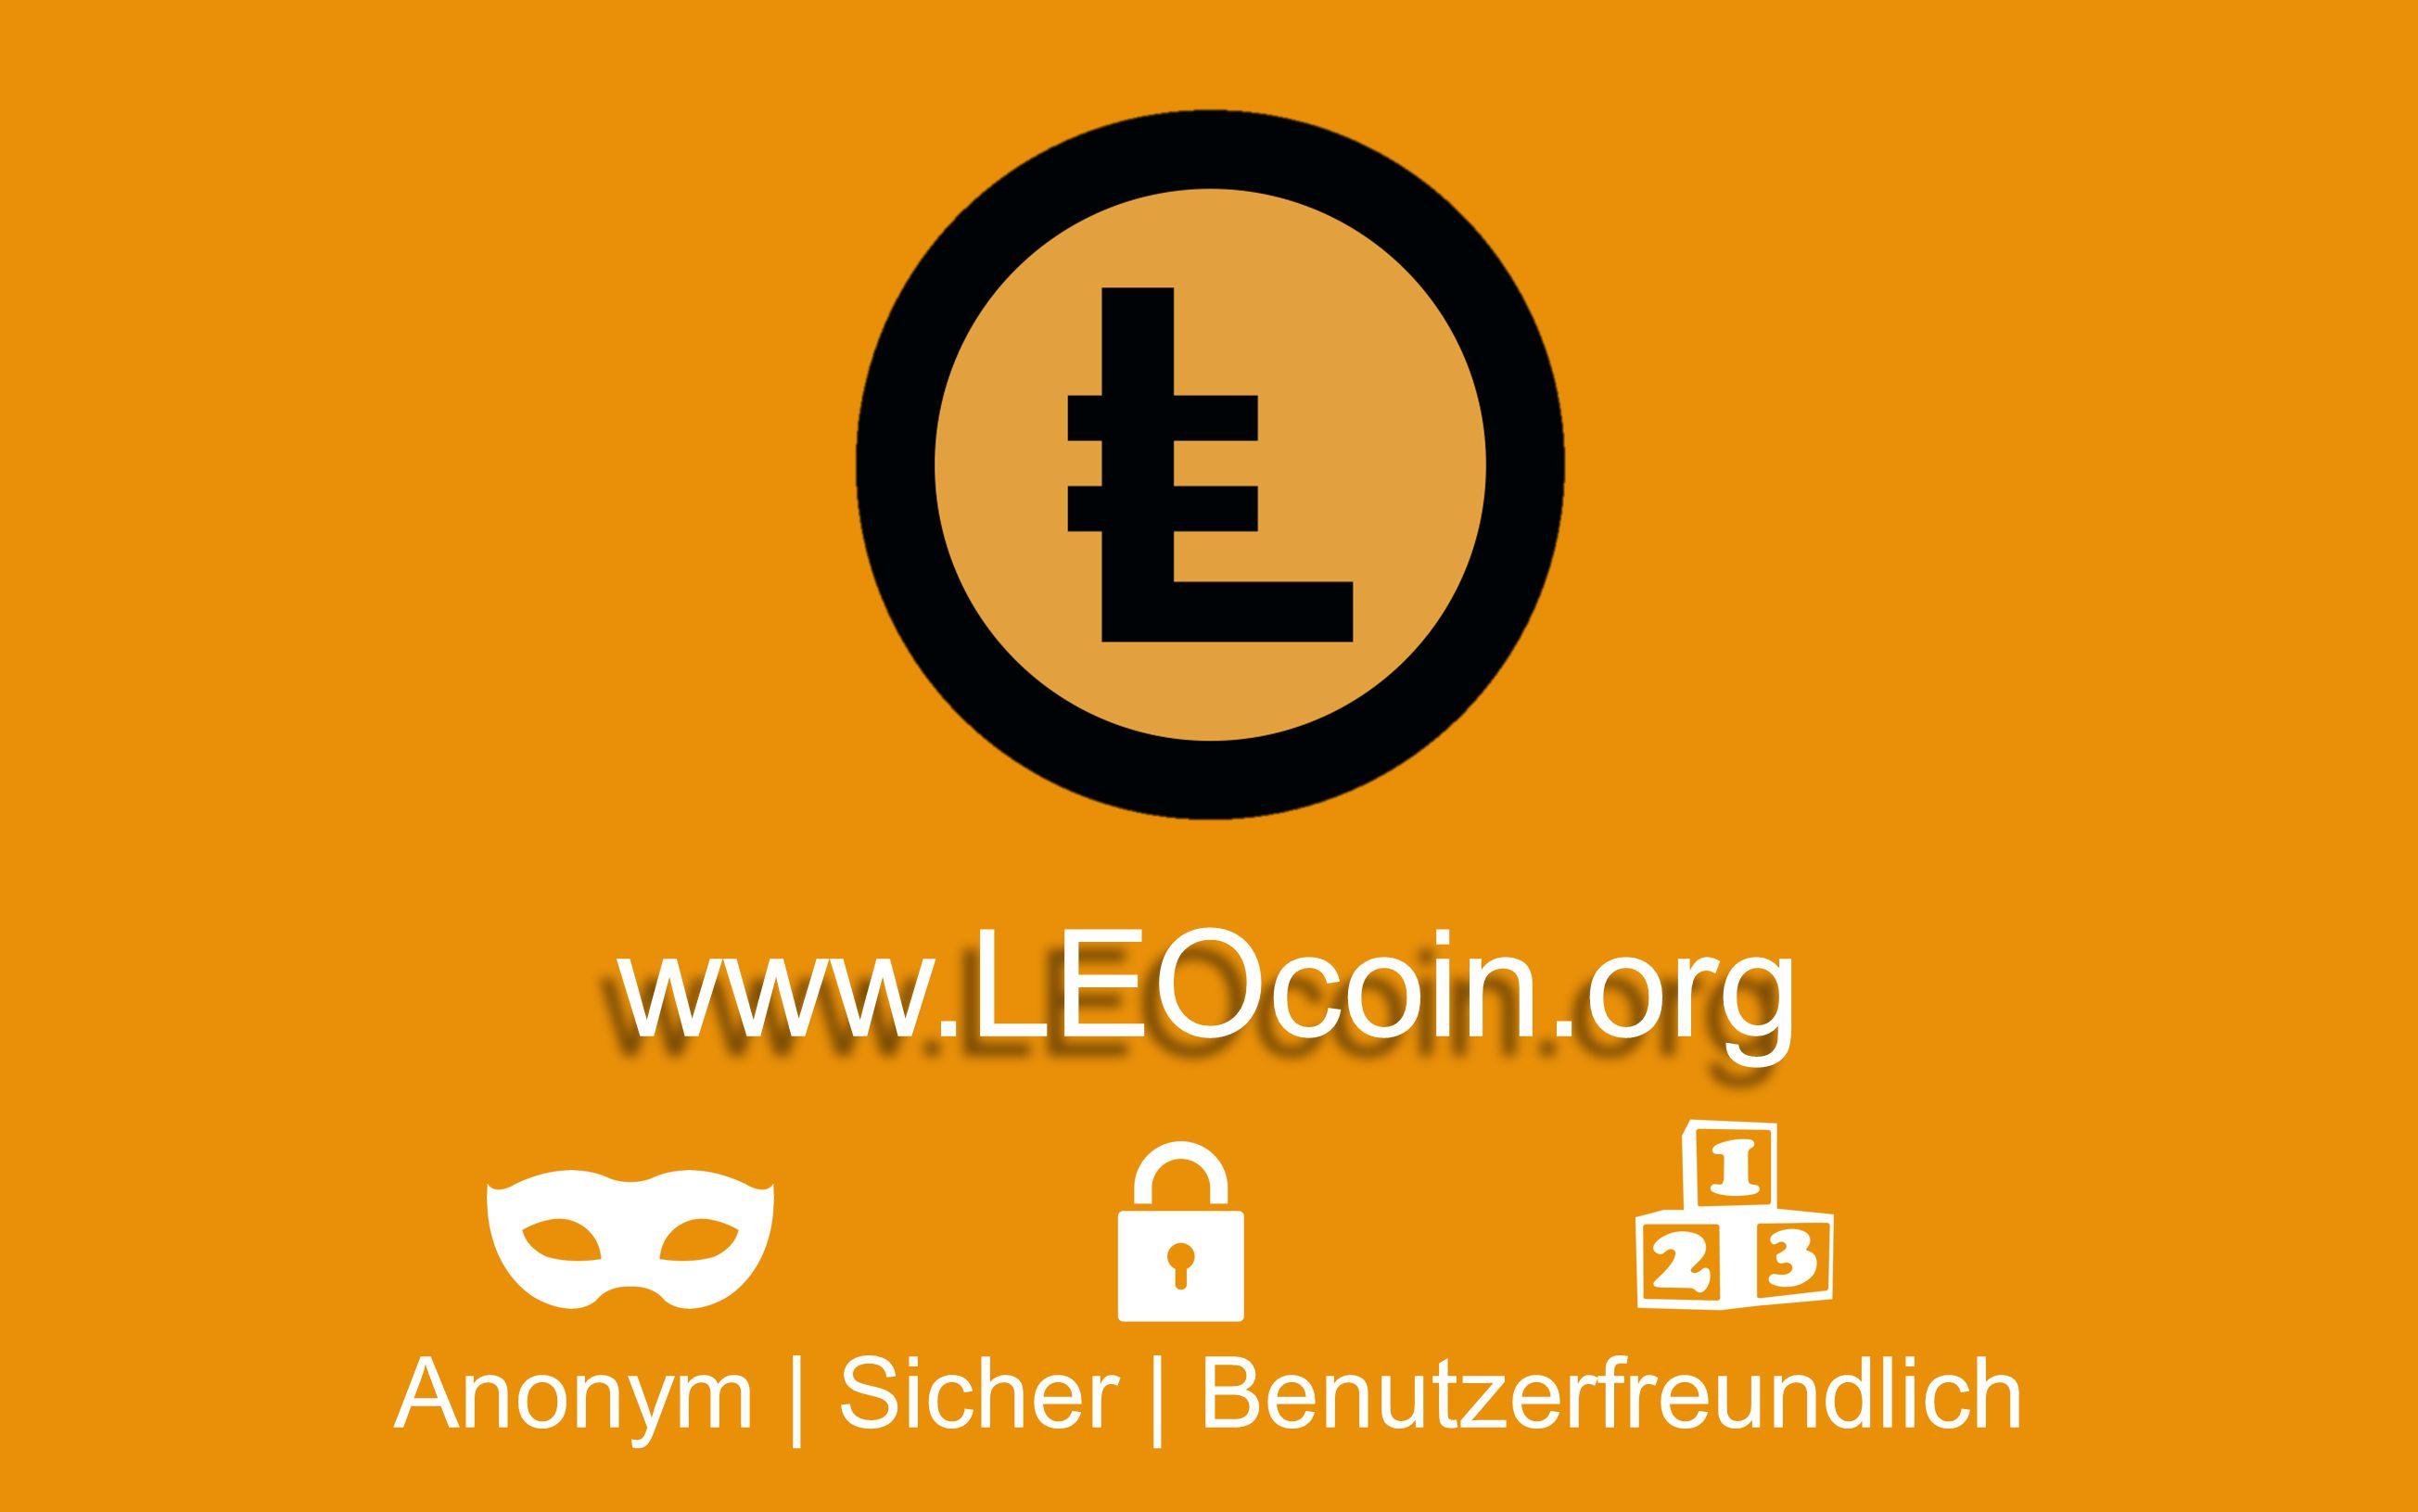 Anonym | Sicher | Benutzerfreundlich www.LEOcoin.org